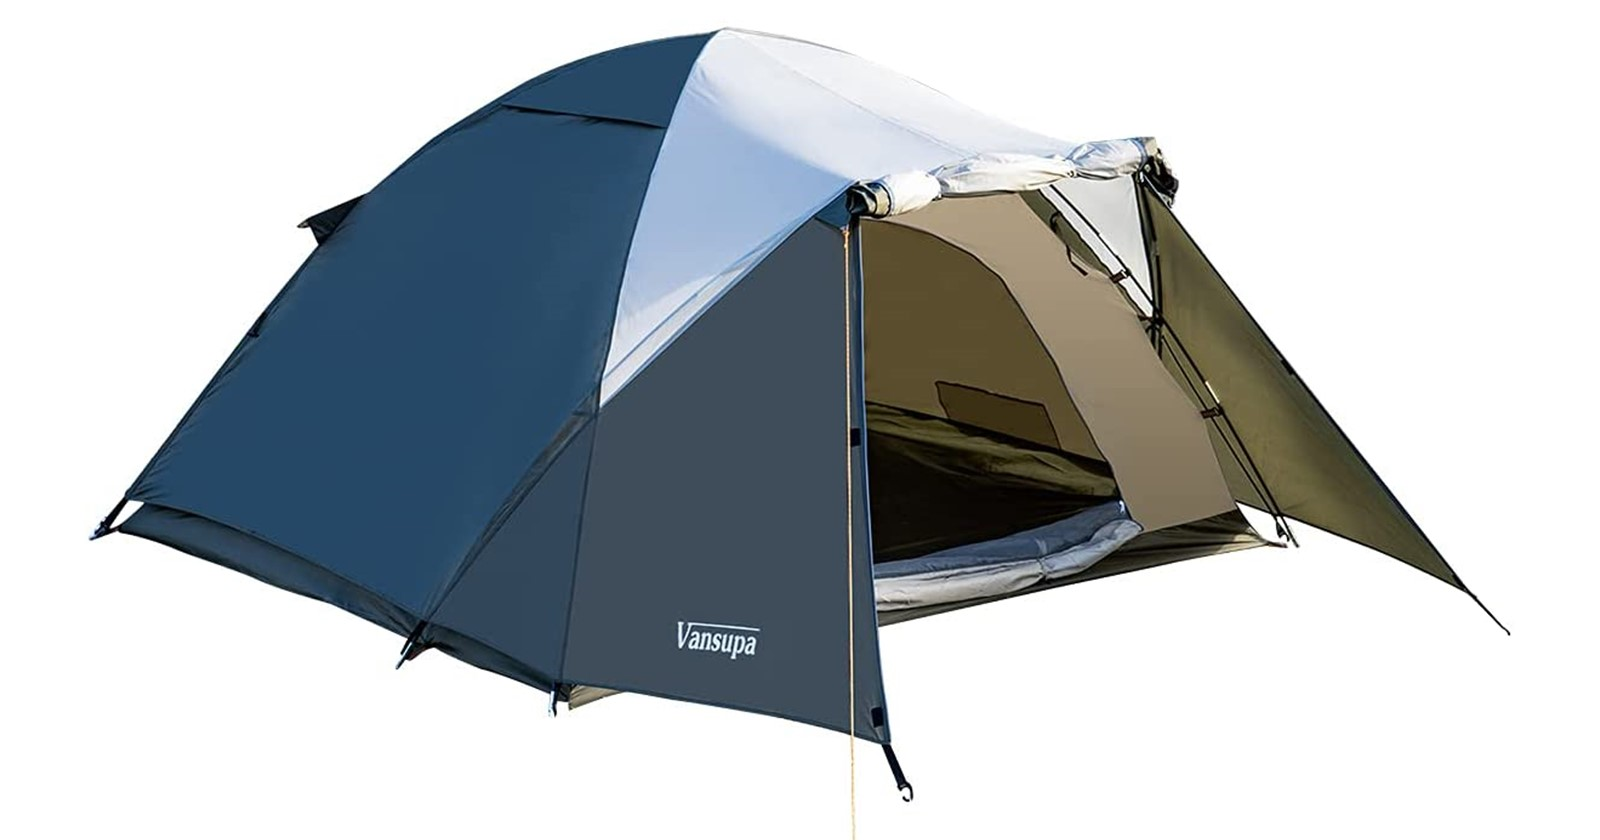 Amazonタイムセールなら1万円未満でもテントを買える!?お買い得テント大集合